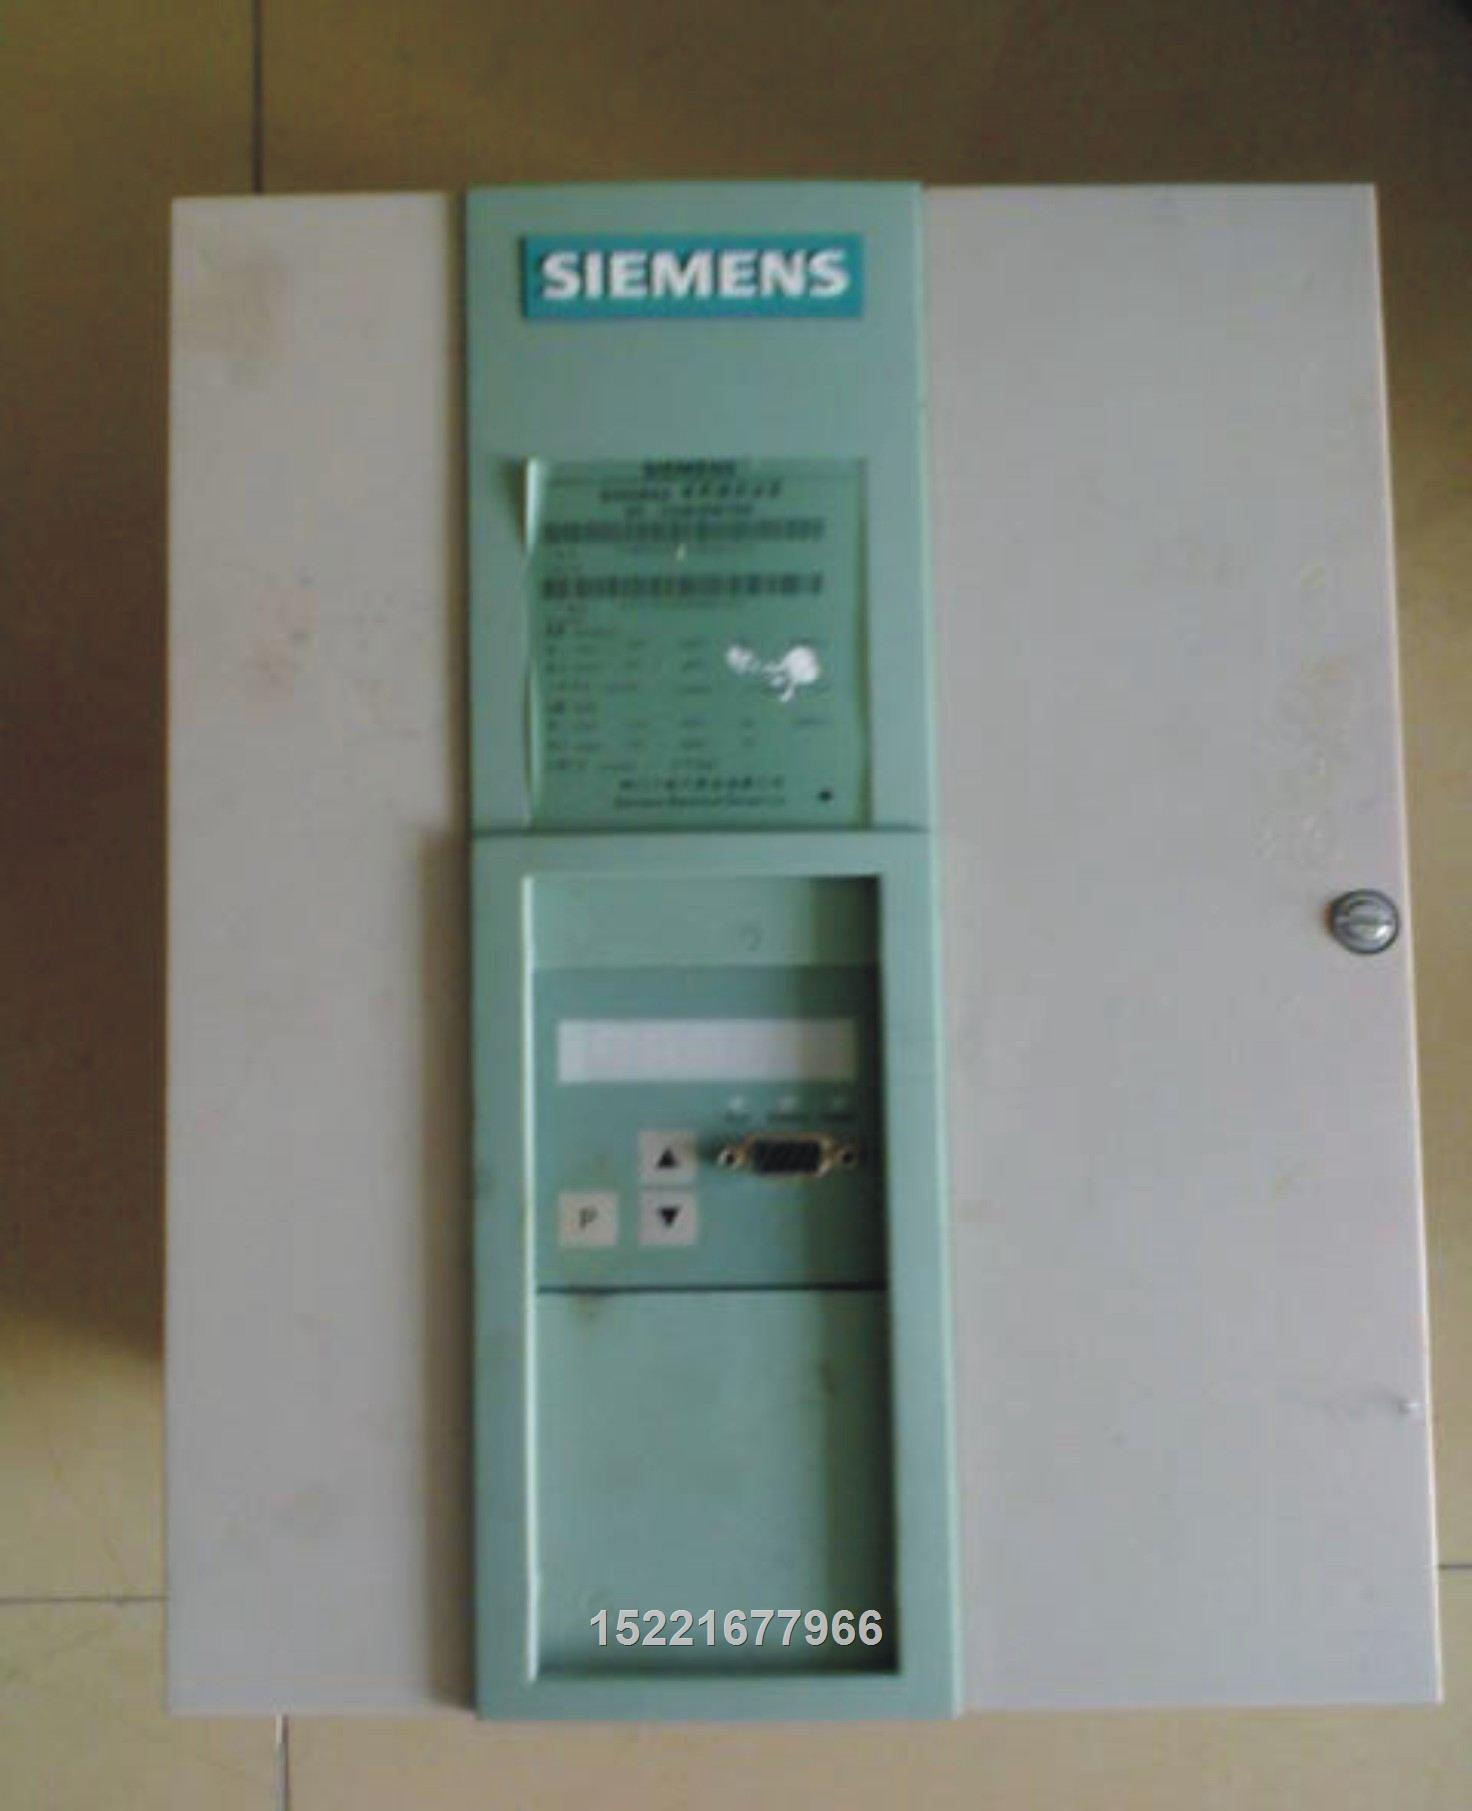 电梯电路板维修,伺服放大器维修,软启动器维修,编码器维修,变频器维修